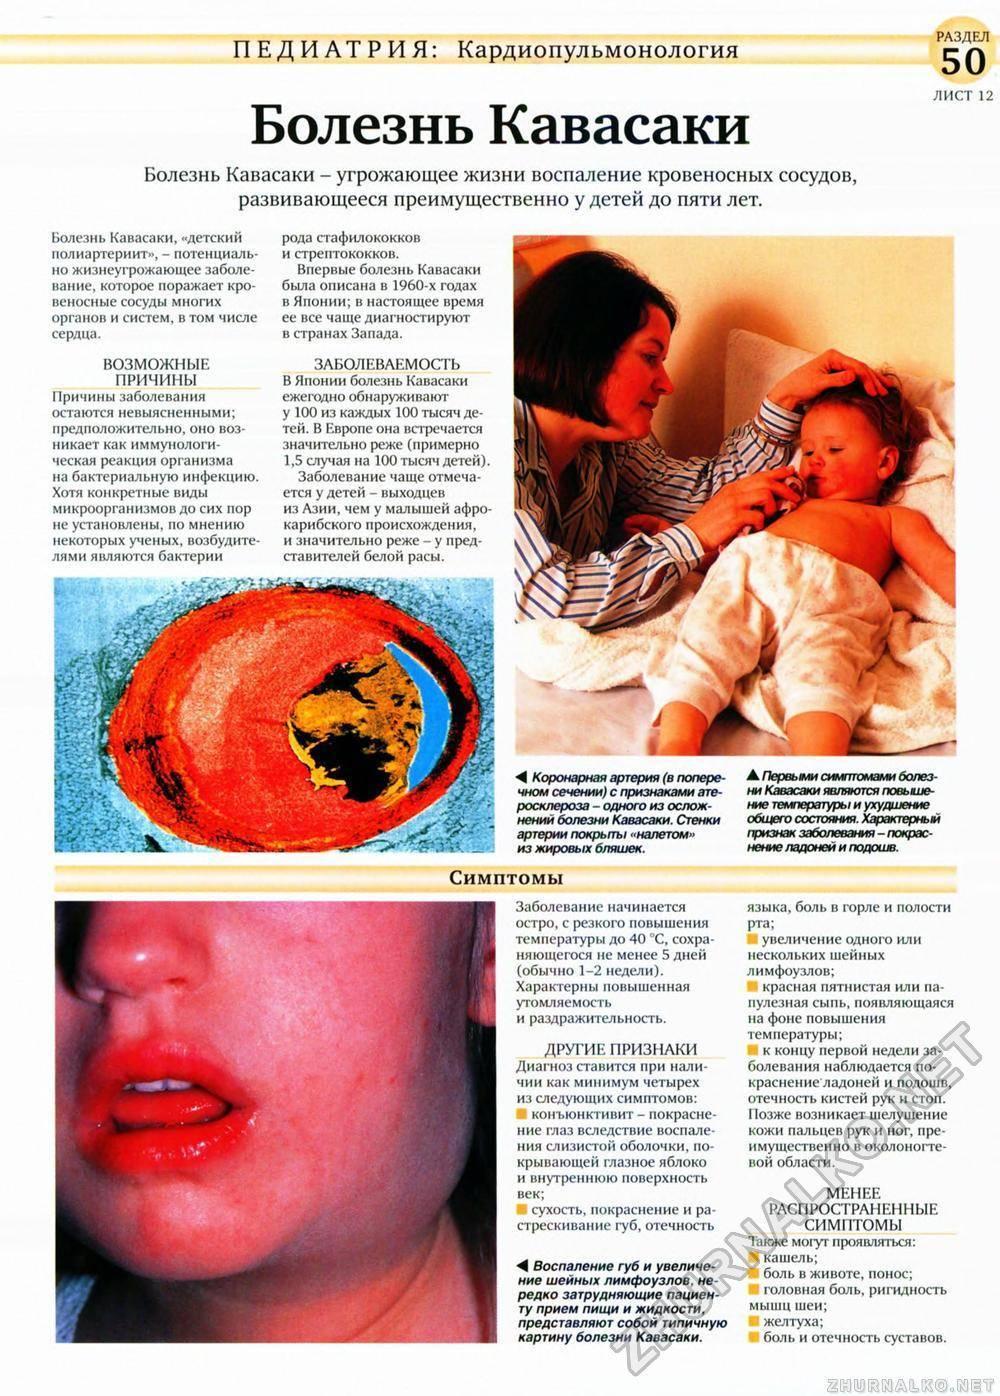 Синдром кавасаки: причины, симптомы, диагностика и лечение